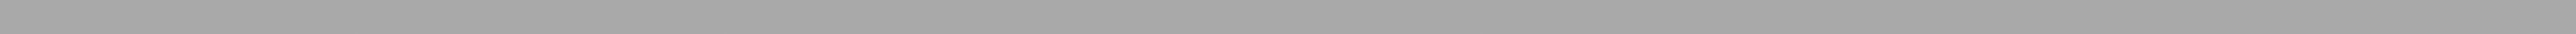 Фото - Бордюр метал. серебро матовое 0,8х60 финишный гвоздь swfs свфс din1152 1 8х40 25кг тов 041025